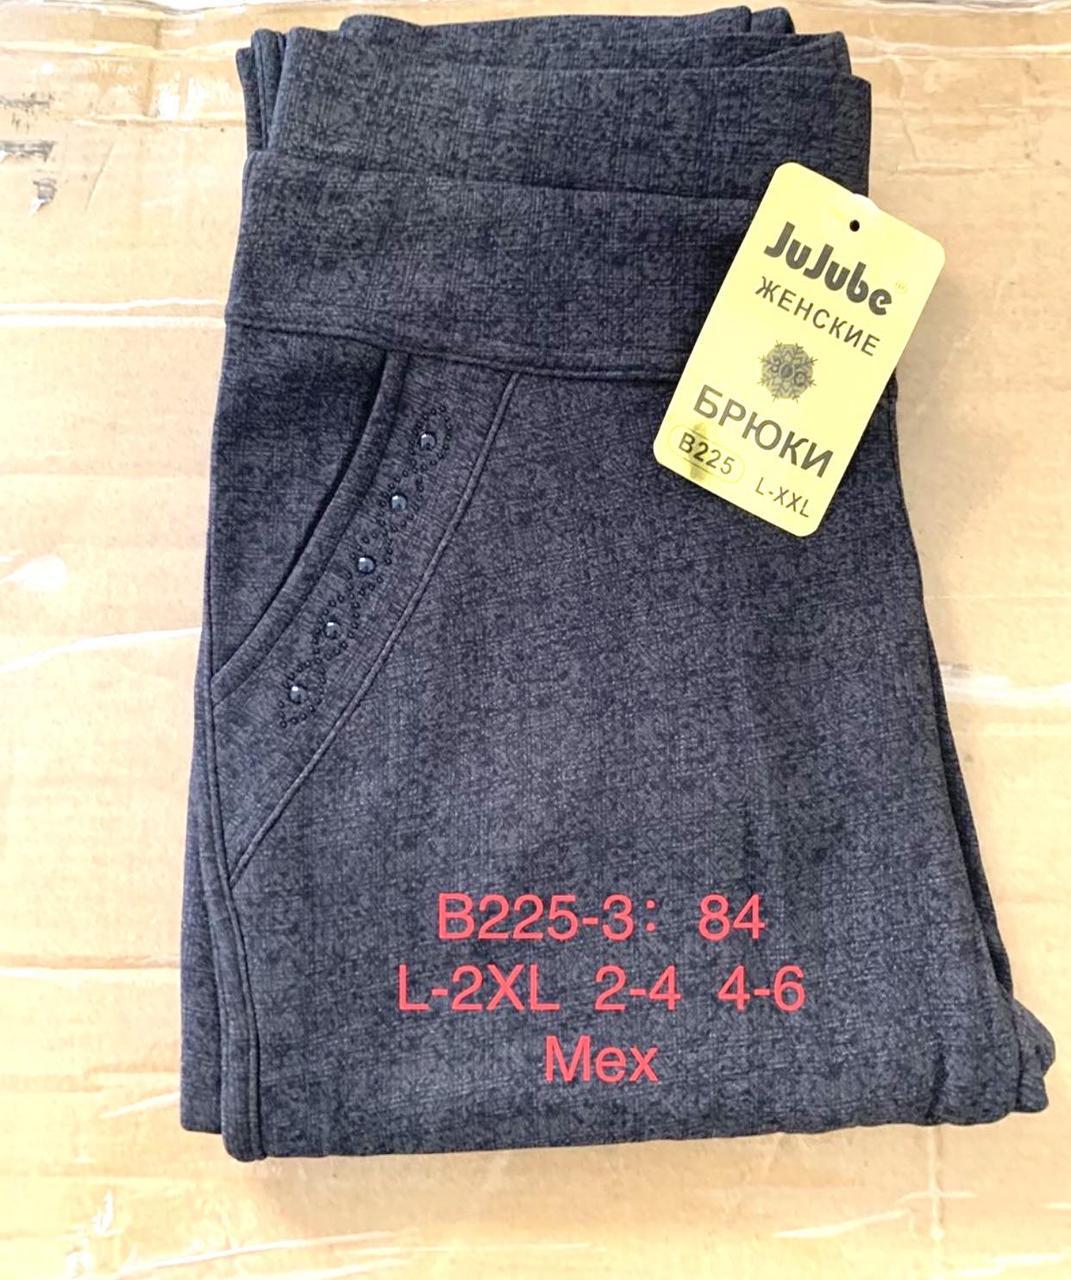 Лосіни жіночі зимові теплі на хутрі термо, розмір L-2XL, 2XL-4XL, 4XL-6XL (від 6 шт )